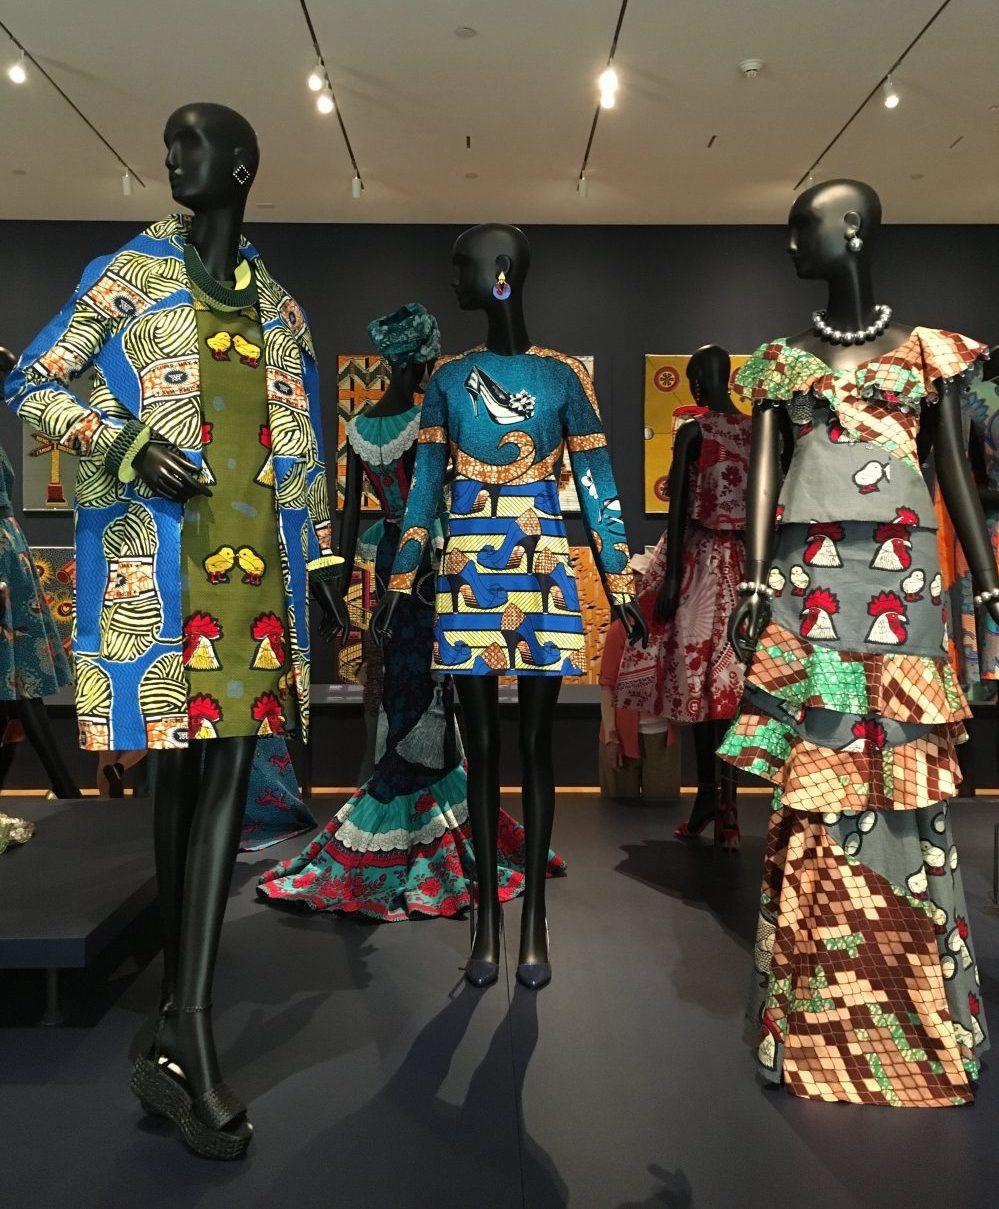 Toch al kleurrijk wordt de combinatie van meerdere stoffen in één kledingstuk bijna 'over the top'.